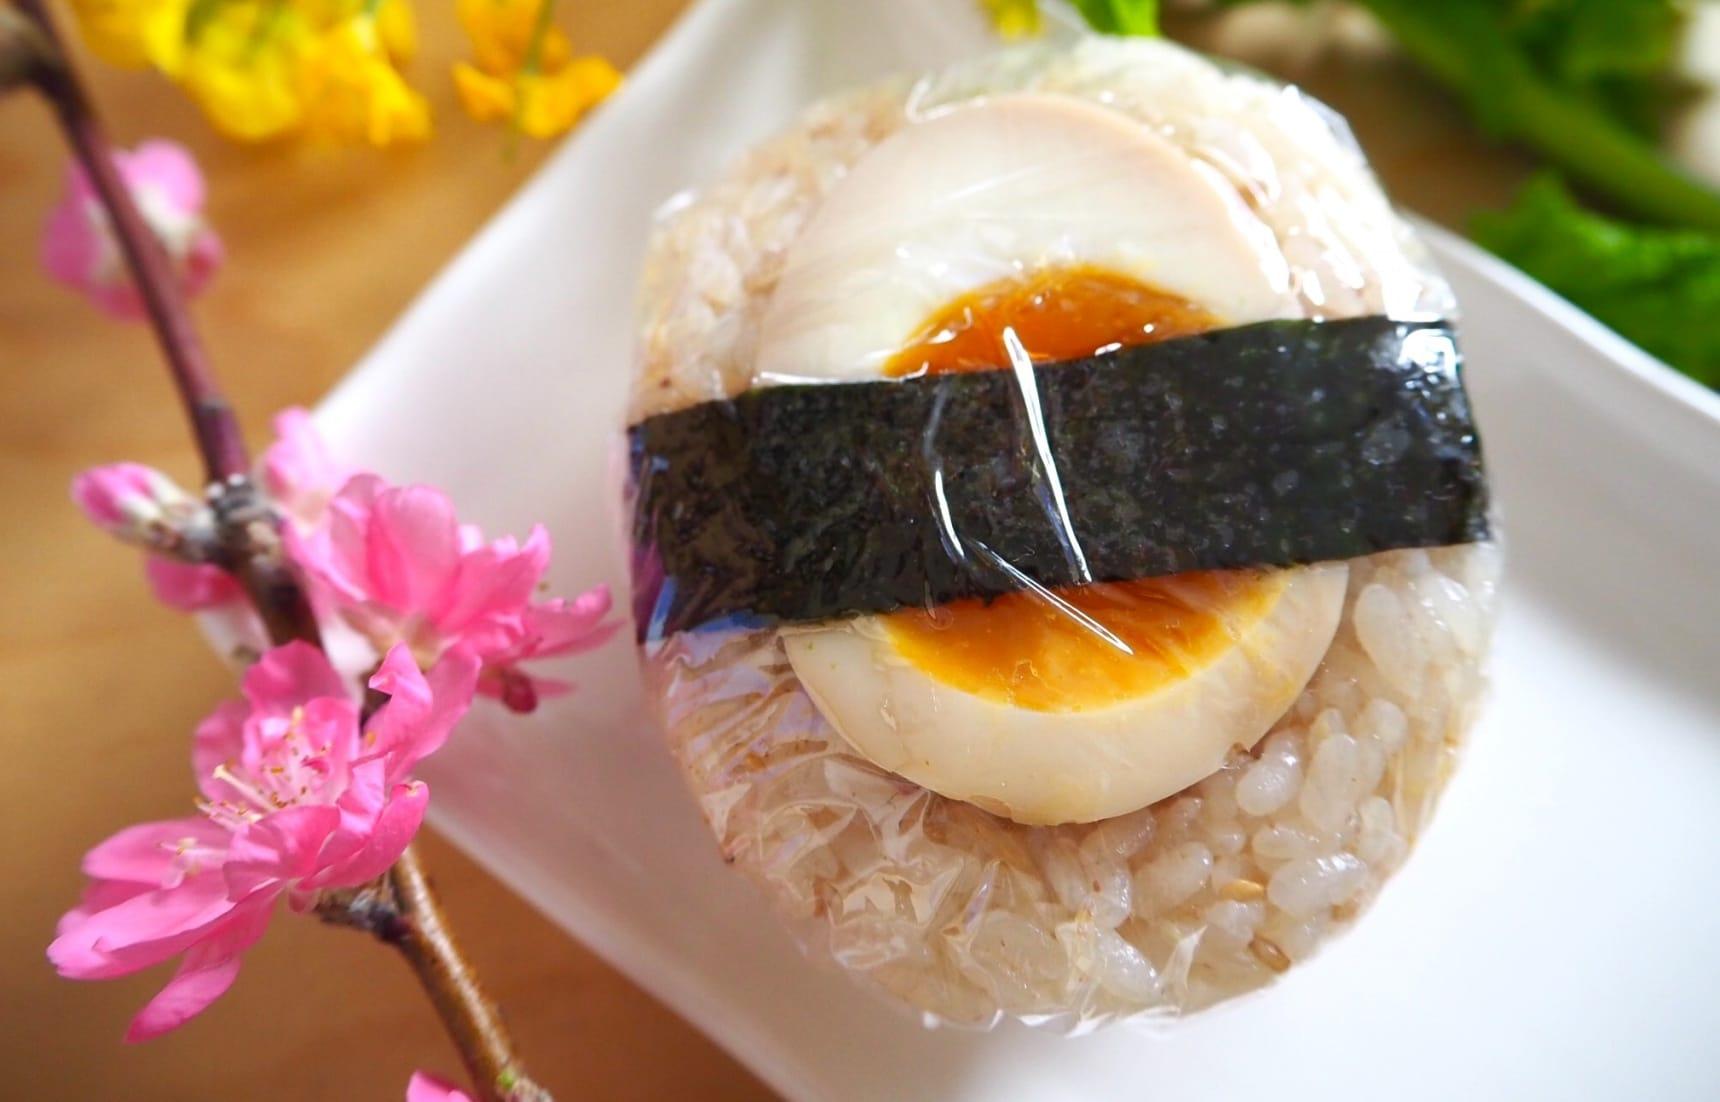 สูตรข้าวปั้นไข่ต้มยางมะตูมดองโชยุ ครบขั้นตอน